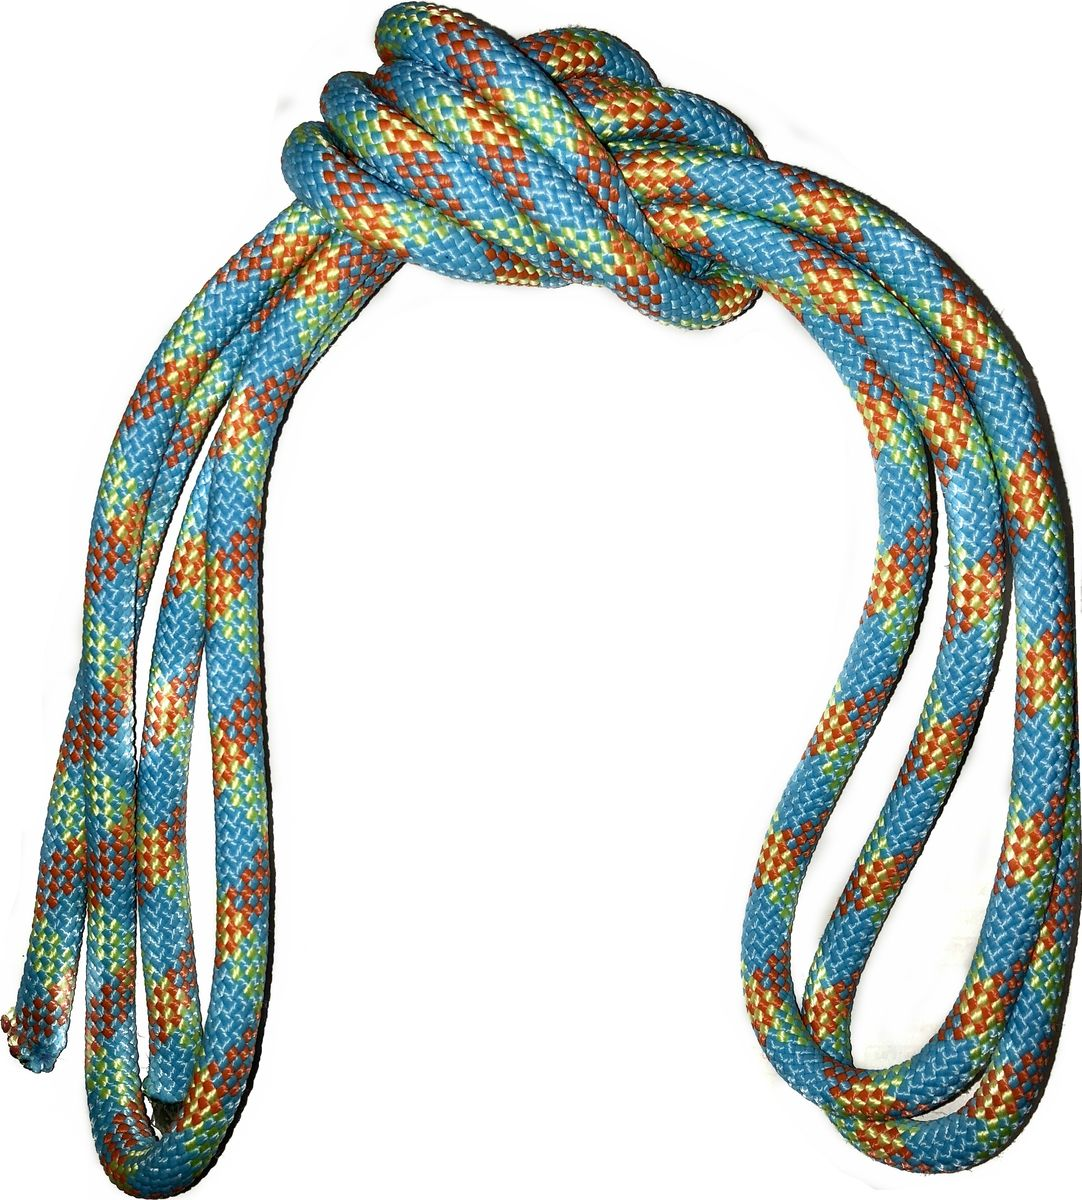 Скакалка гимнастическая Indigo, утяжеленная, цвет: разноцветный, 3 м. 00022411 мяч для художественной гимнастики indigo силиконовый цвет разноцветный диаметр 15 см